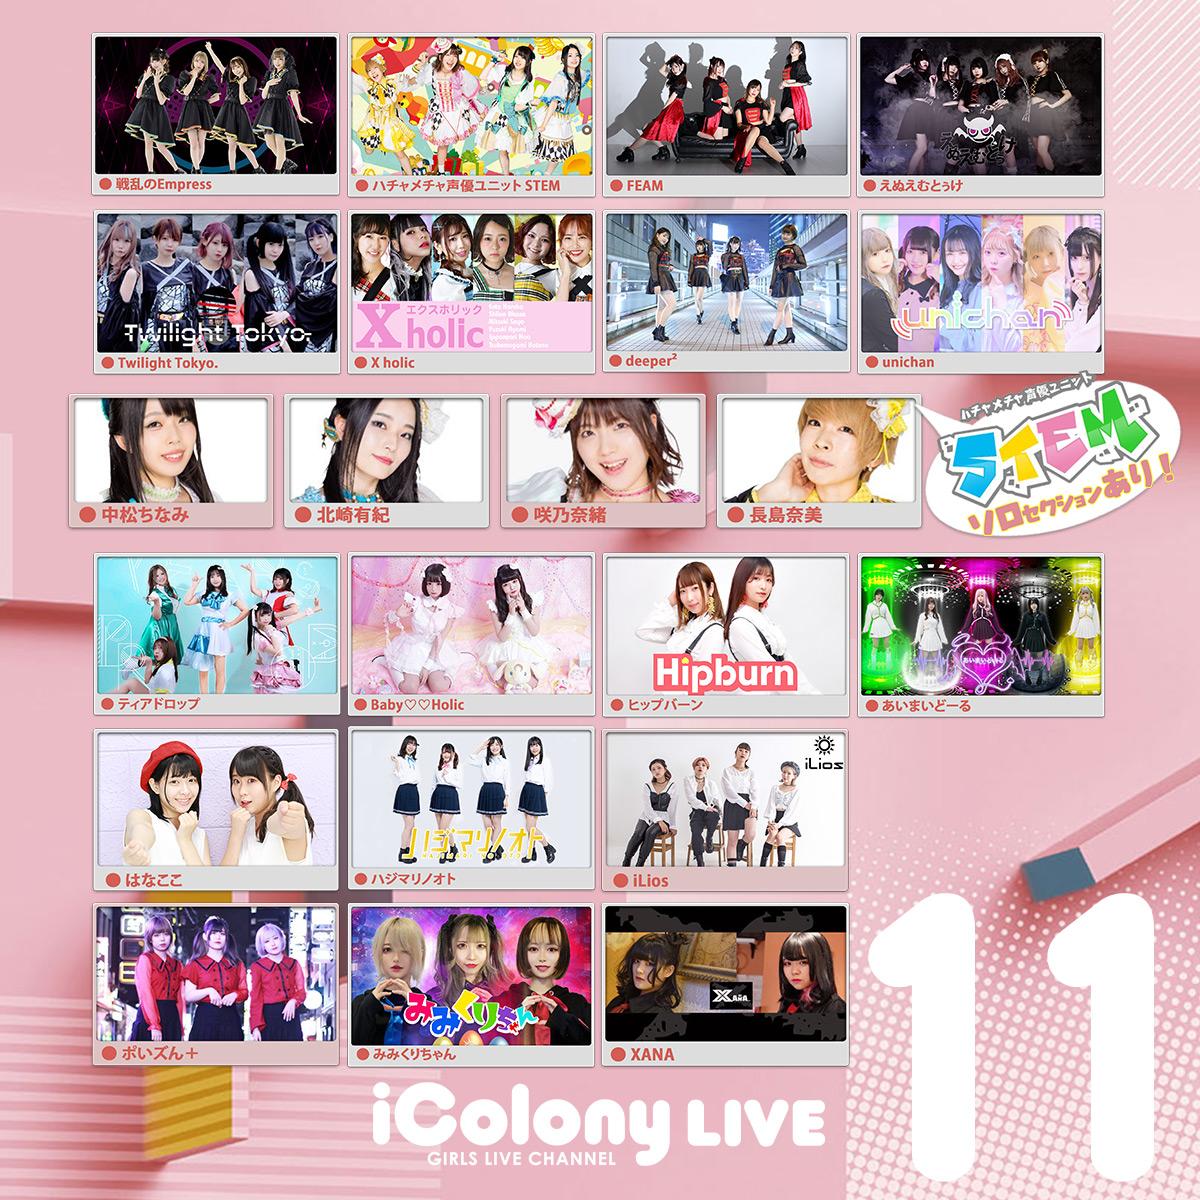 iColony LIVE 11